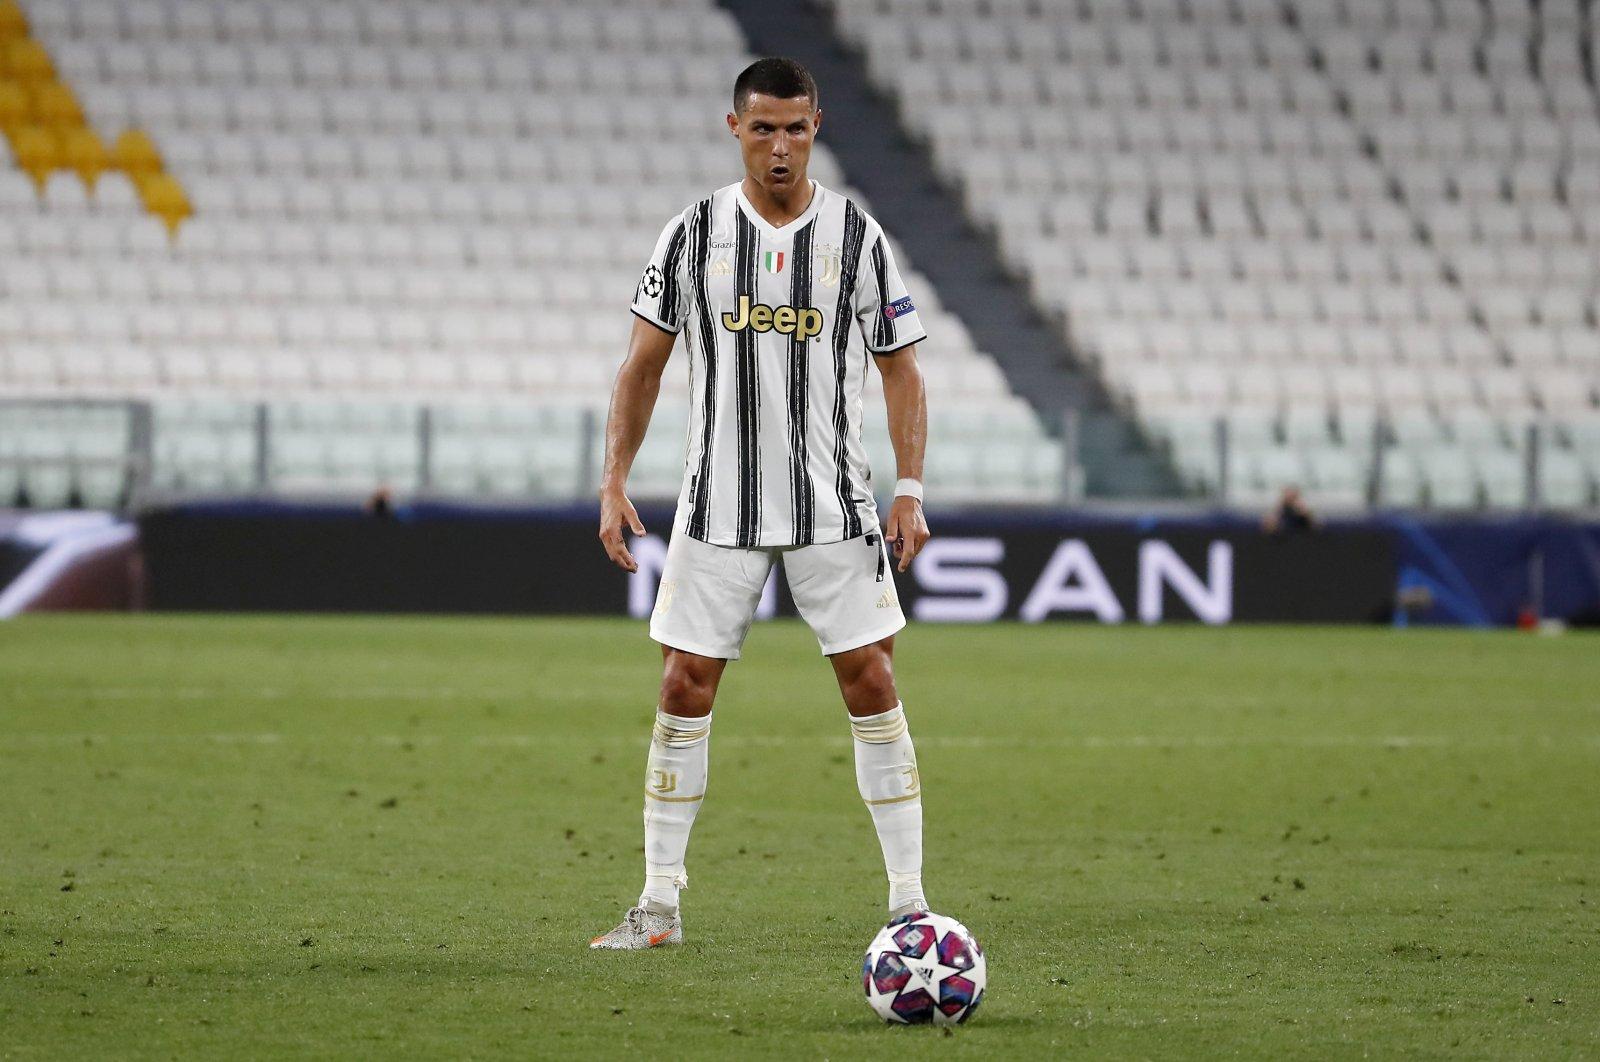 Ronaldo giảm hiệu quả sút phạt từ khi khoác áo Juventus. Ảnh: AP.